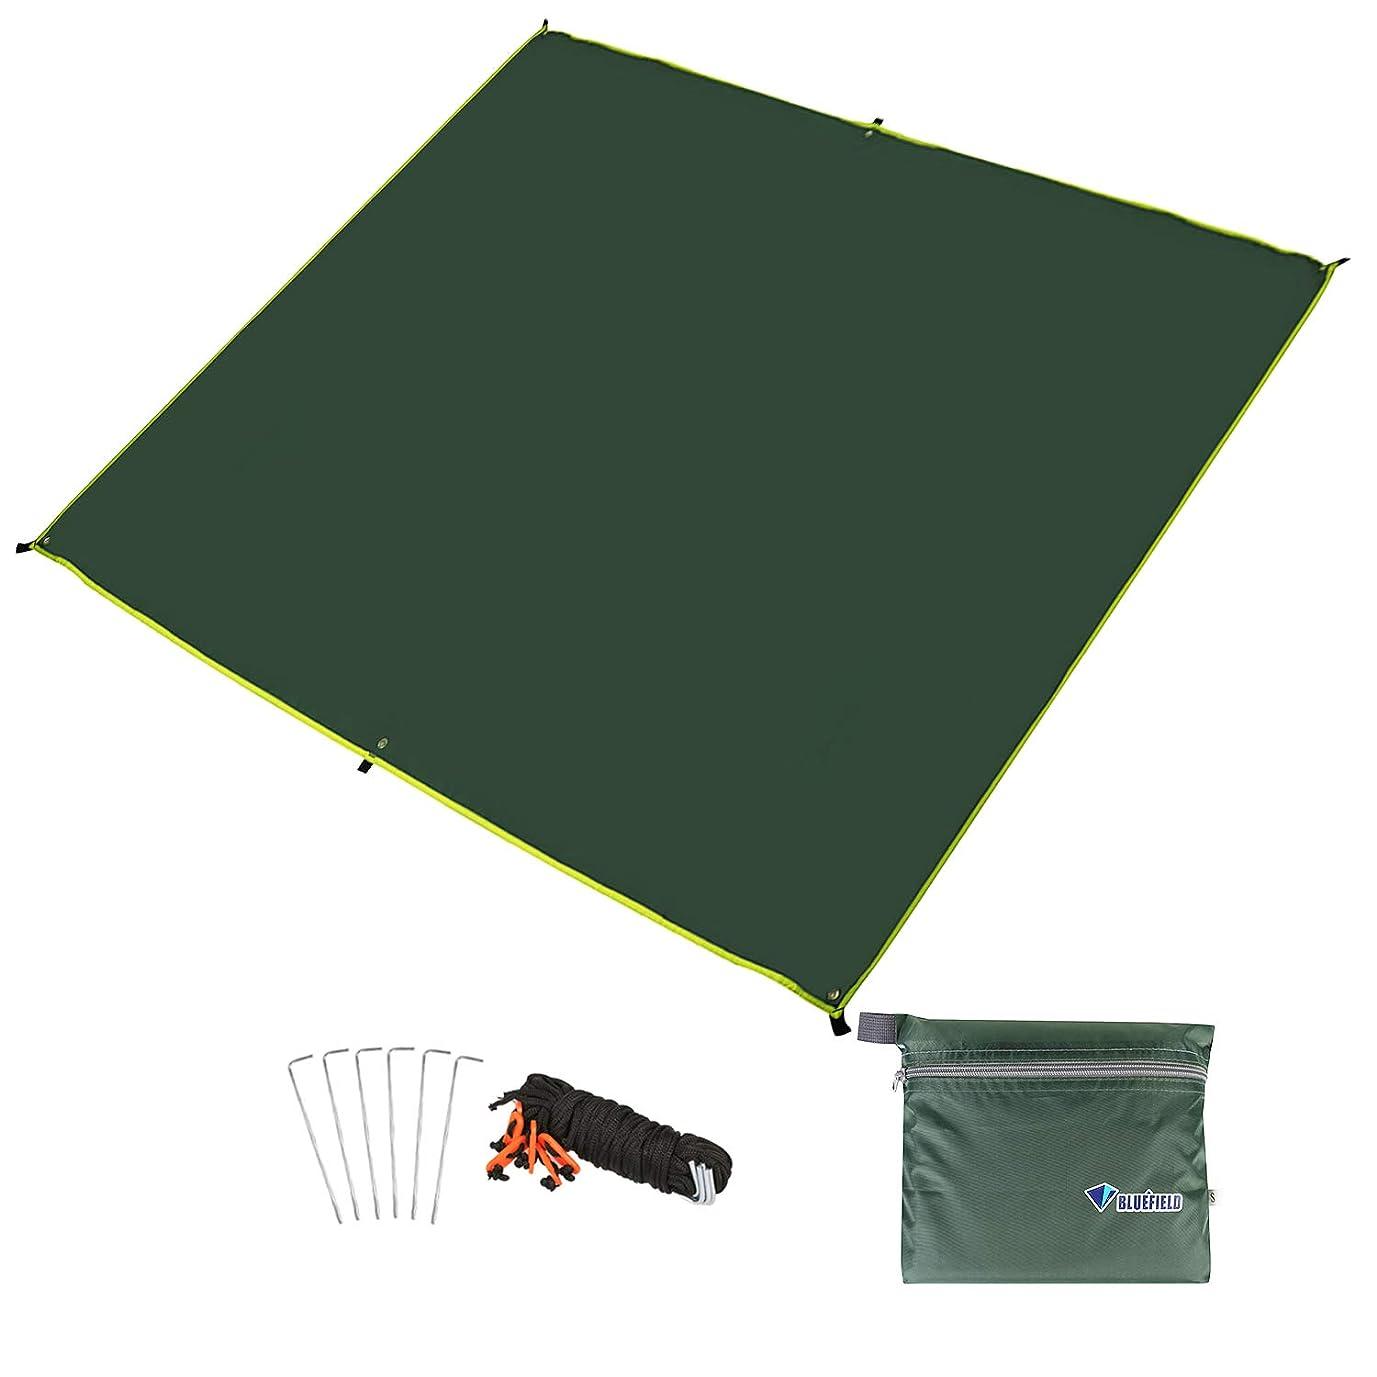 リード告白着飾るグランドマット テントシート レジャーシート 折り畳み 4~6人に適用 収納袋付き 軽量